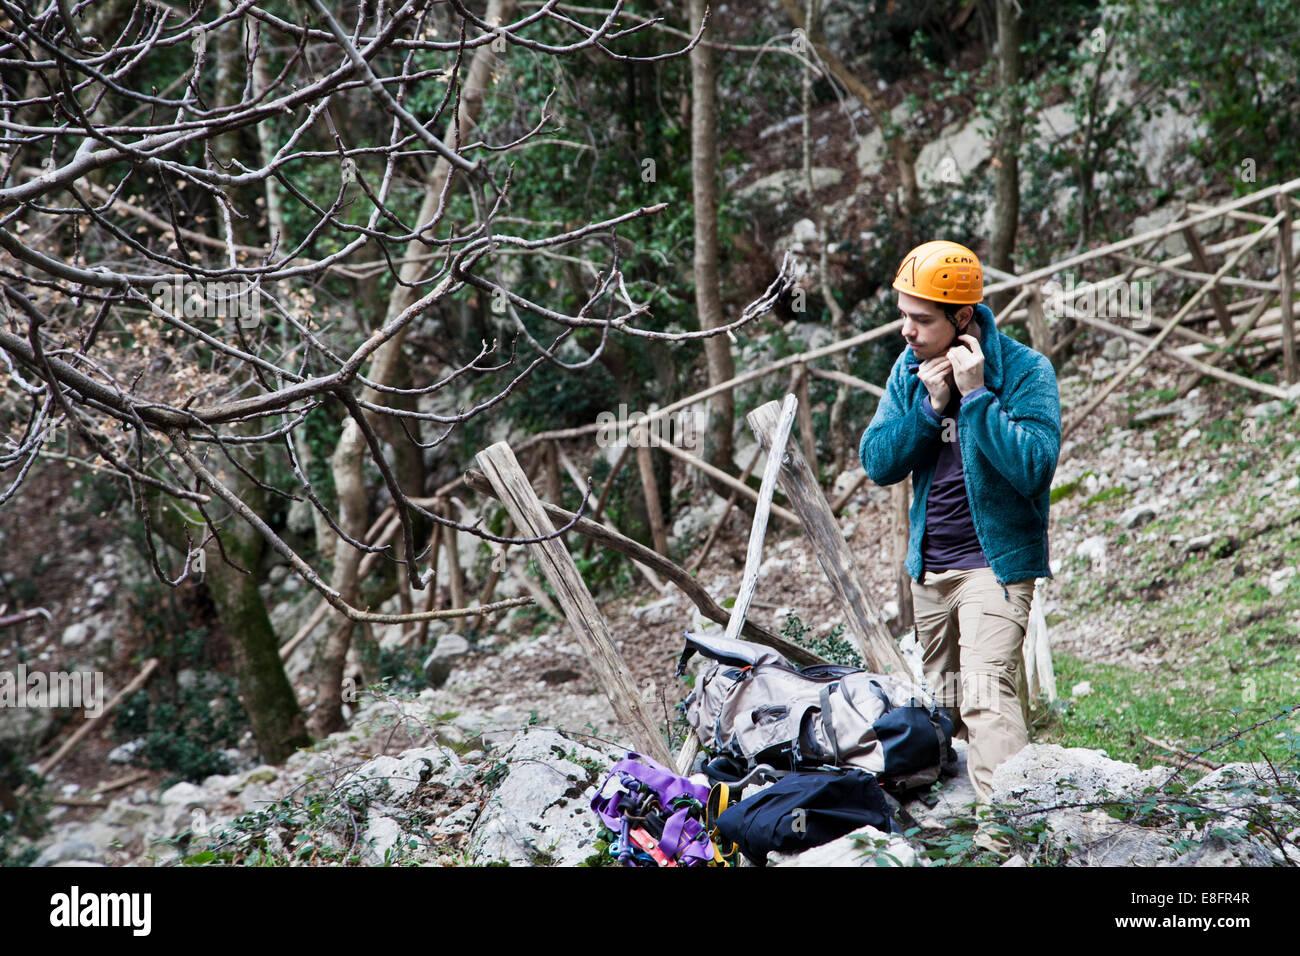 Italien, Latium, Roccia, Mann Anpassung Helm vor dem Aufstieg Stockbild